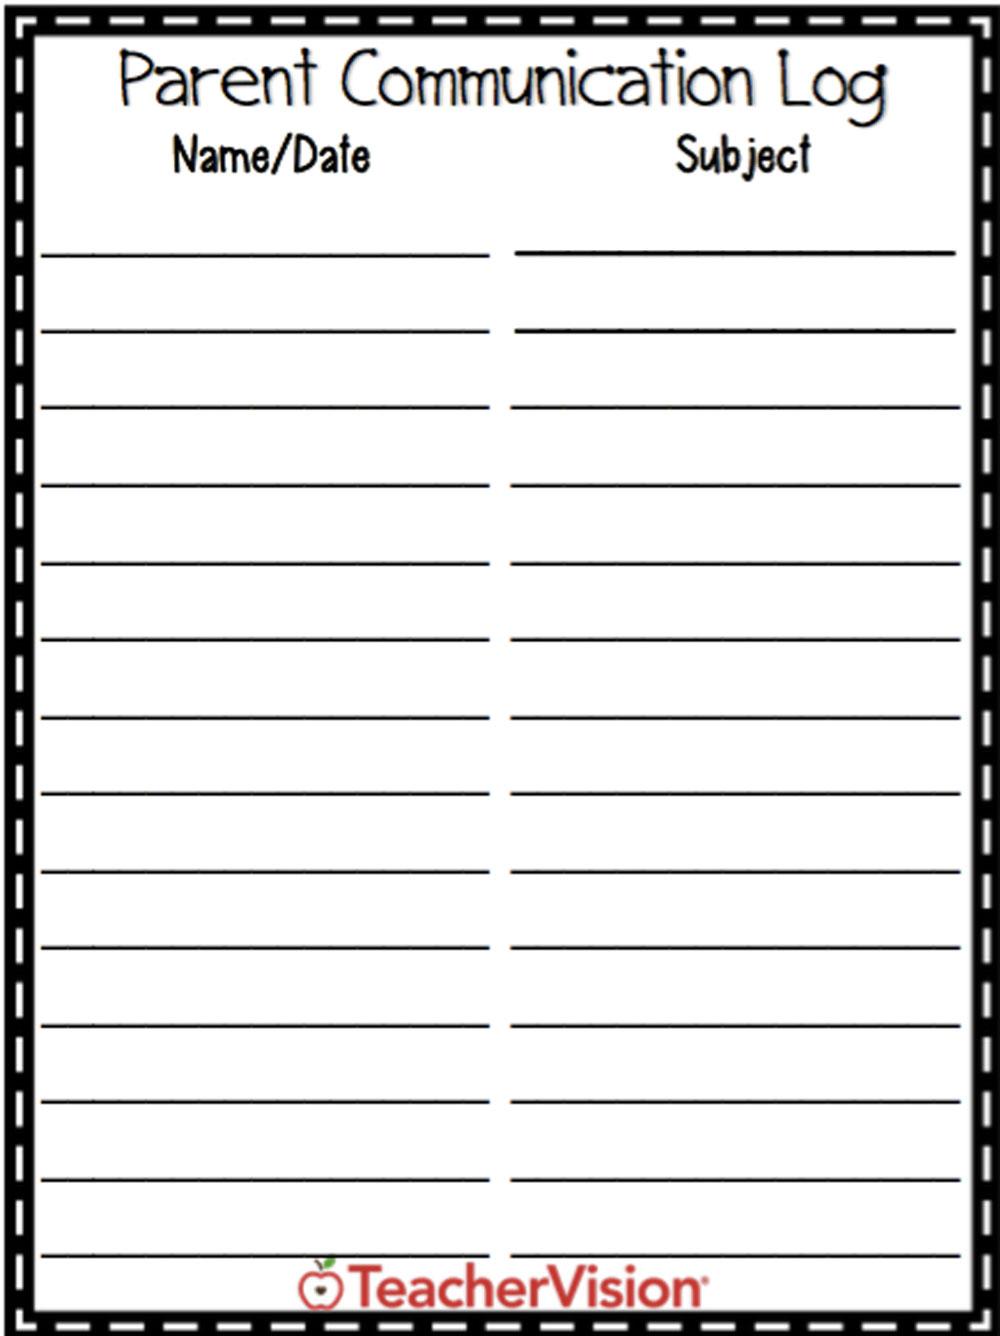 A parent communication log